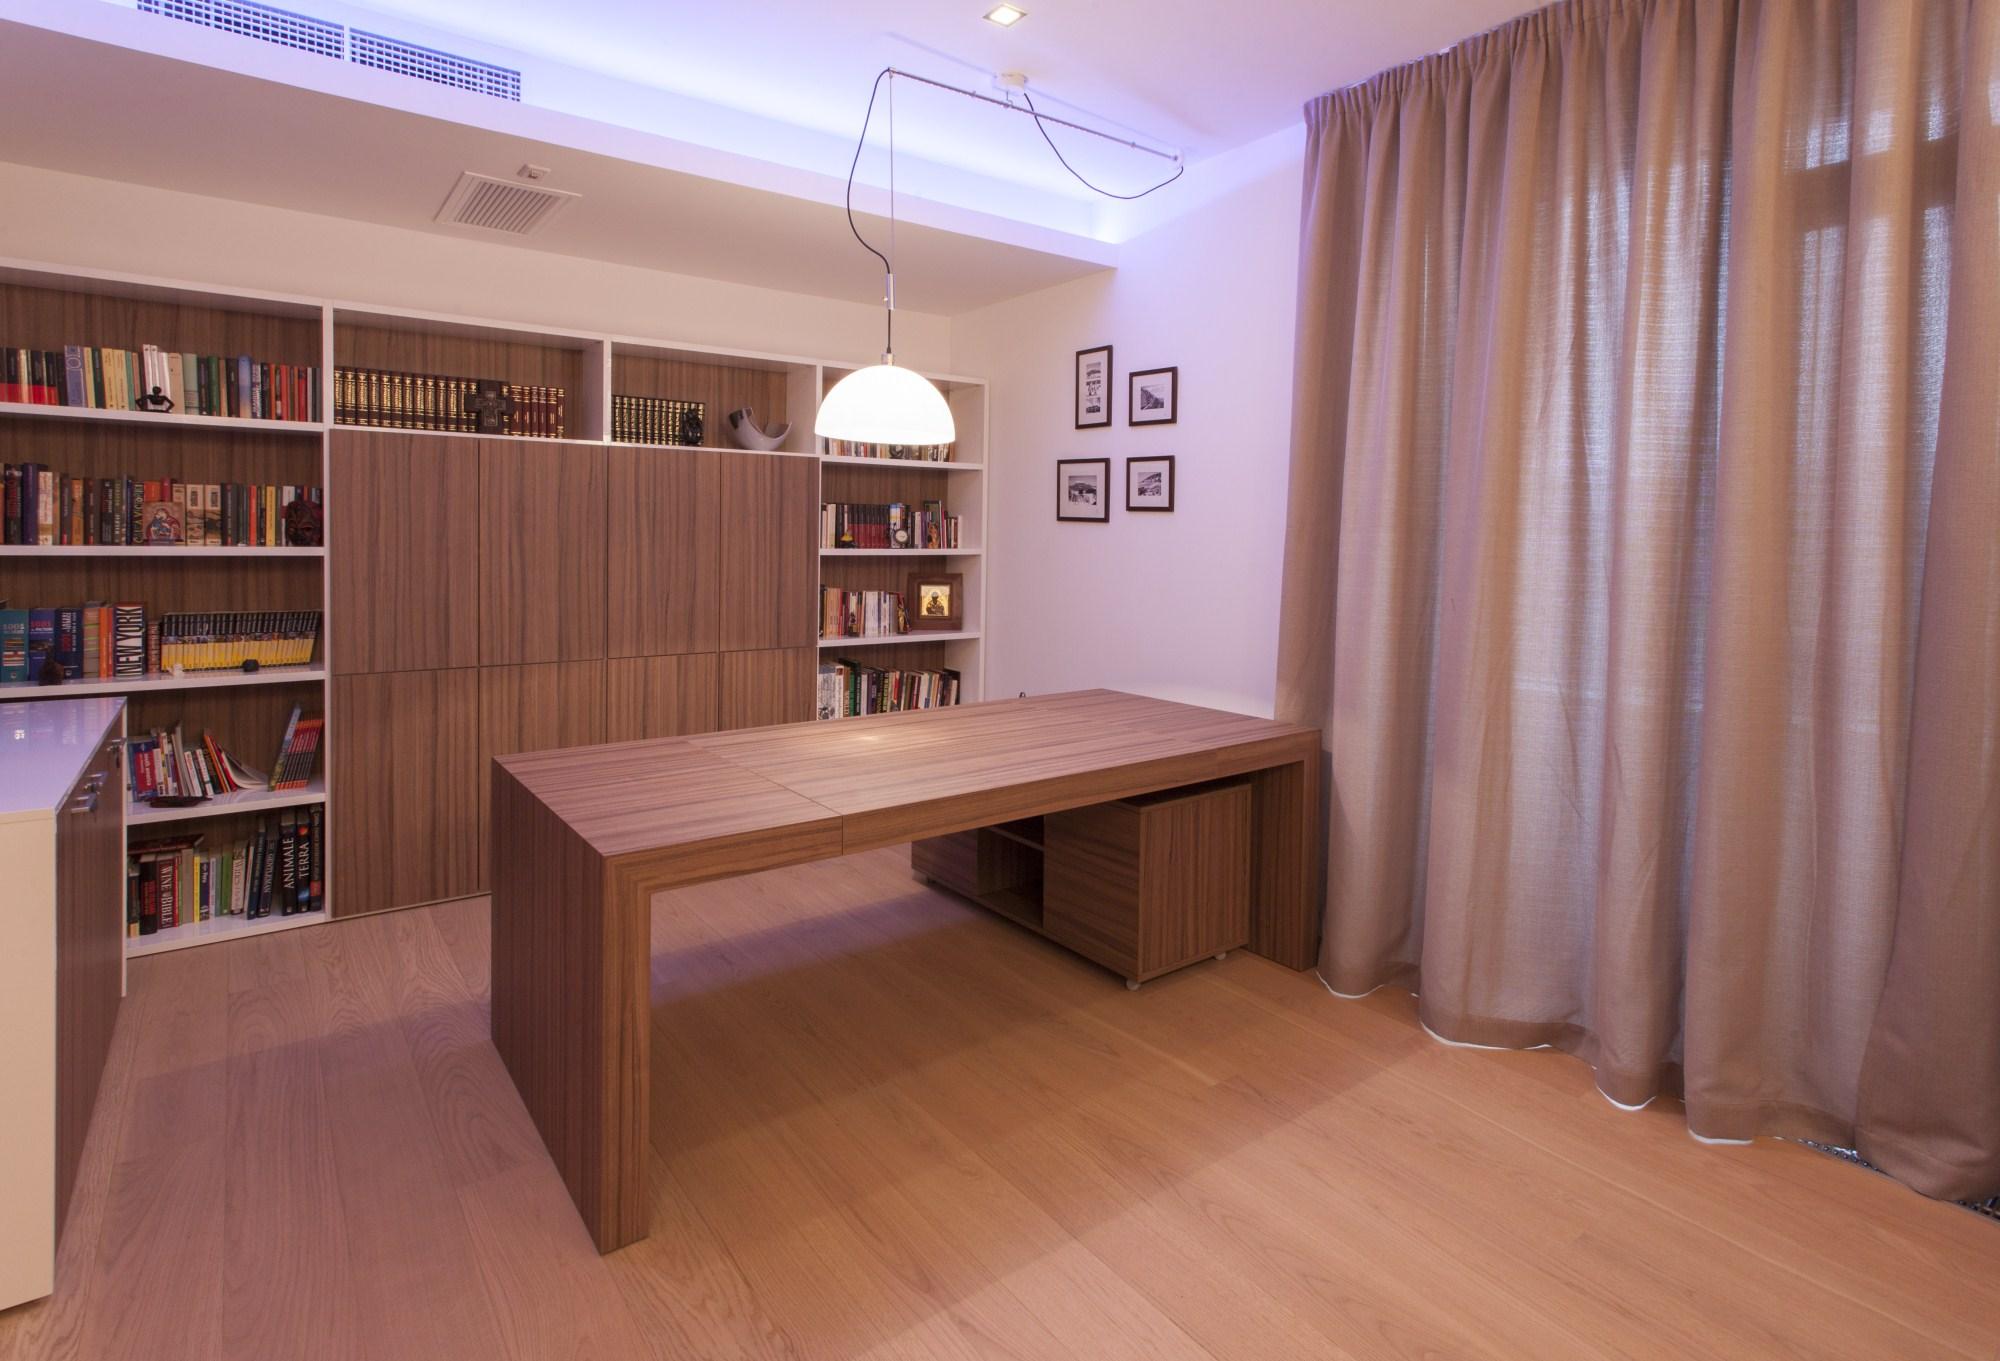 https://nbc-arhitect.ro/wp-content/uploads/2020/11/NBC-Arhitect-_-interior-design-_-Petofi-Sandor-_-Romania_25.jpg